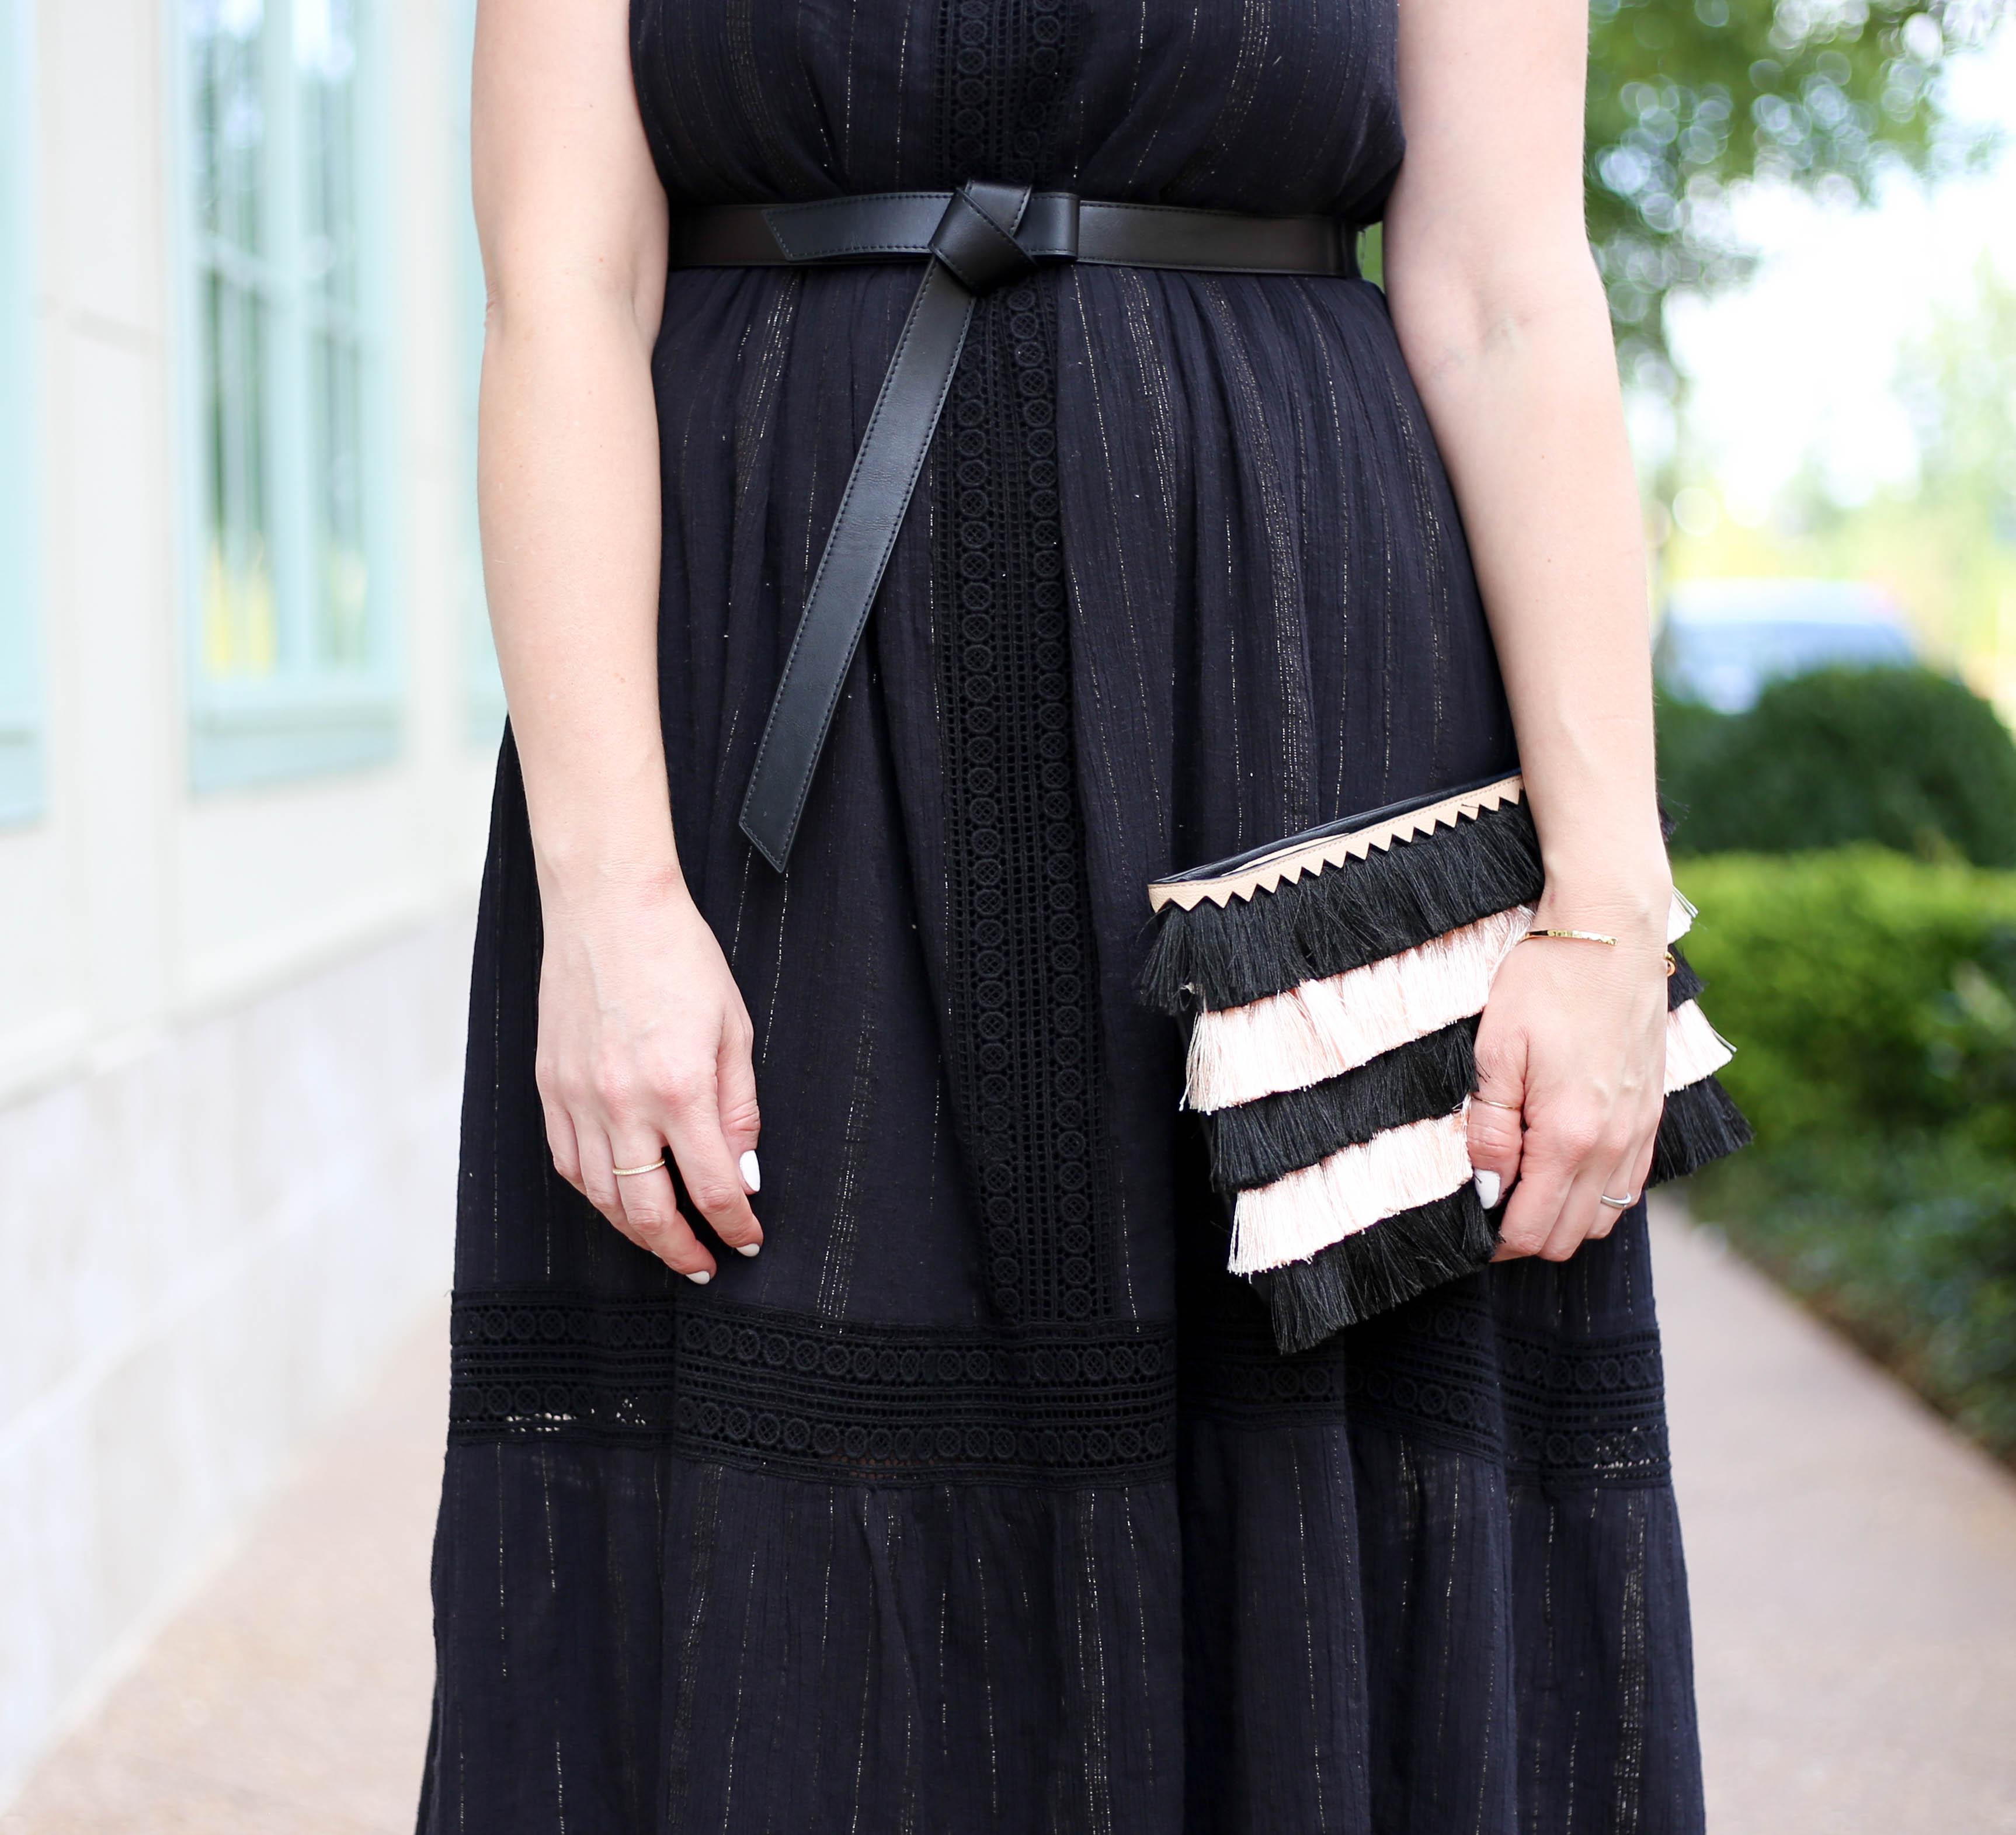 stella and dot fringe clutch #fringe #blackdress #bohostyle